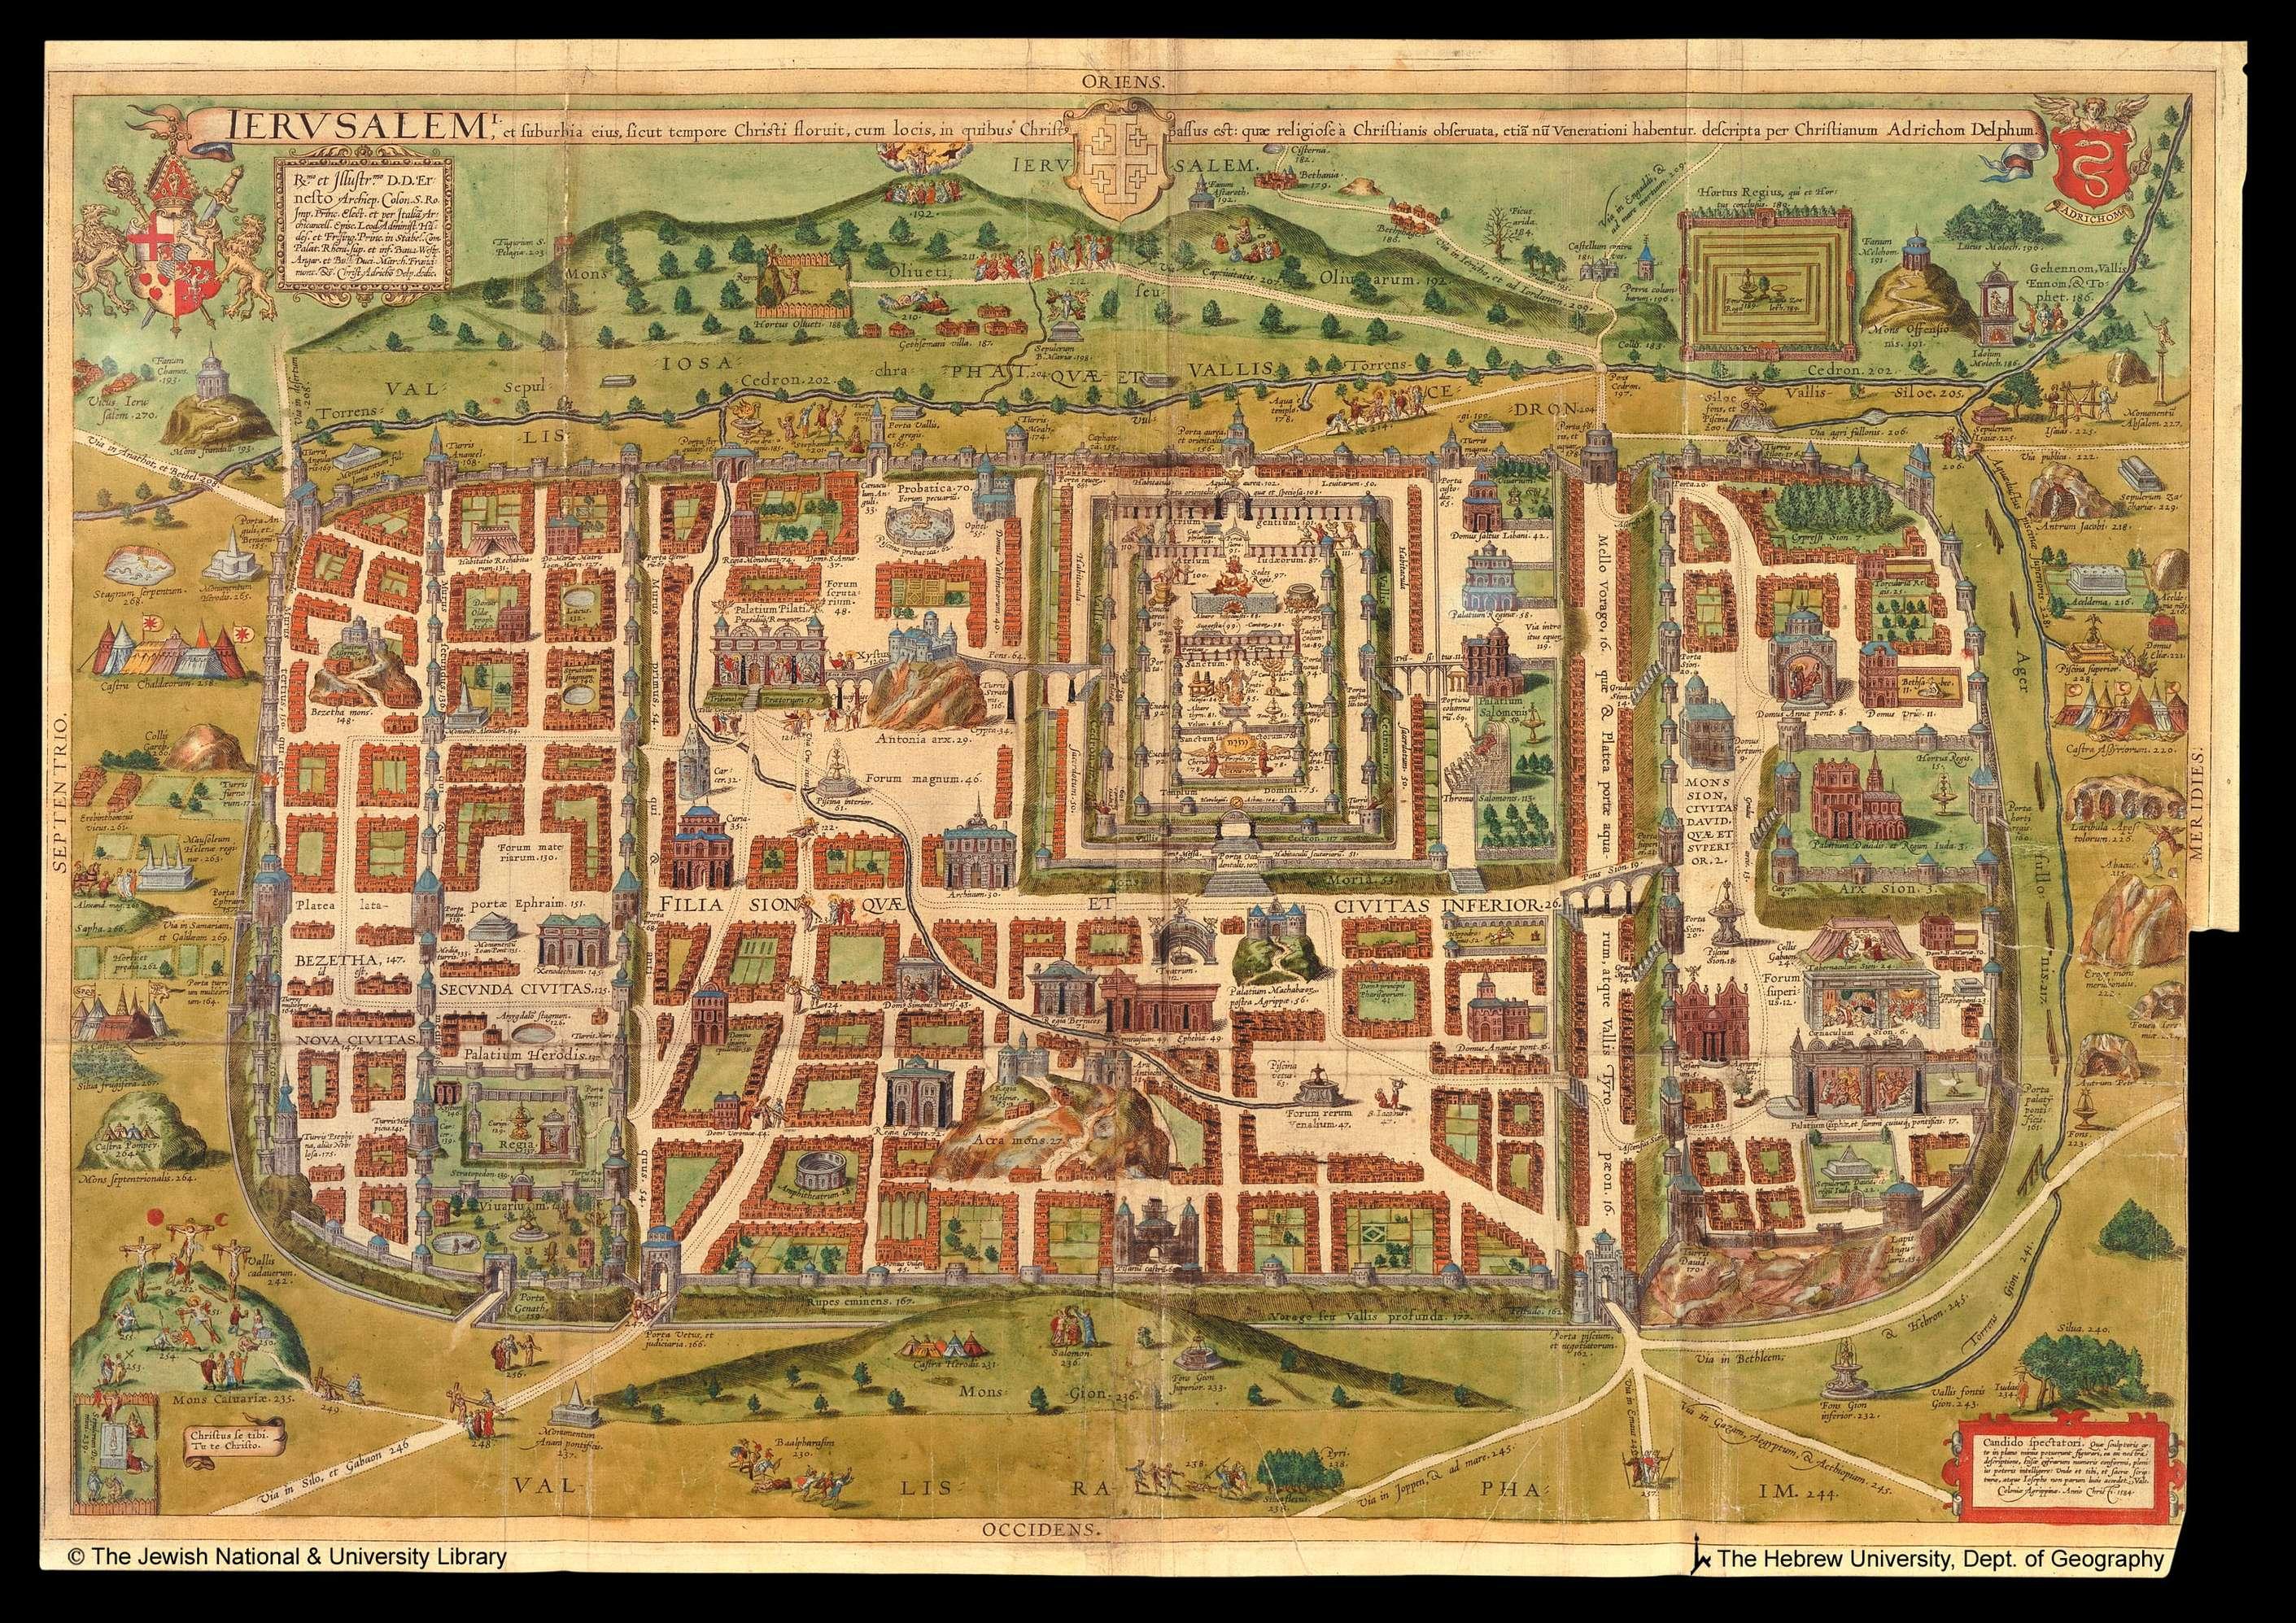 A map of Jerusalem, 1584